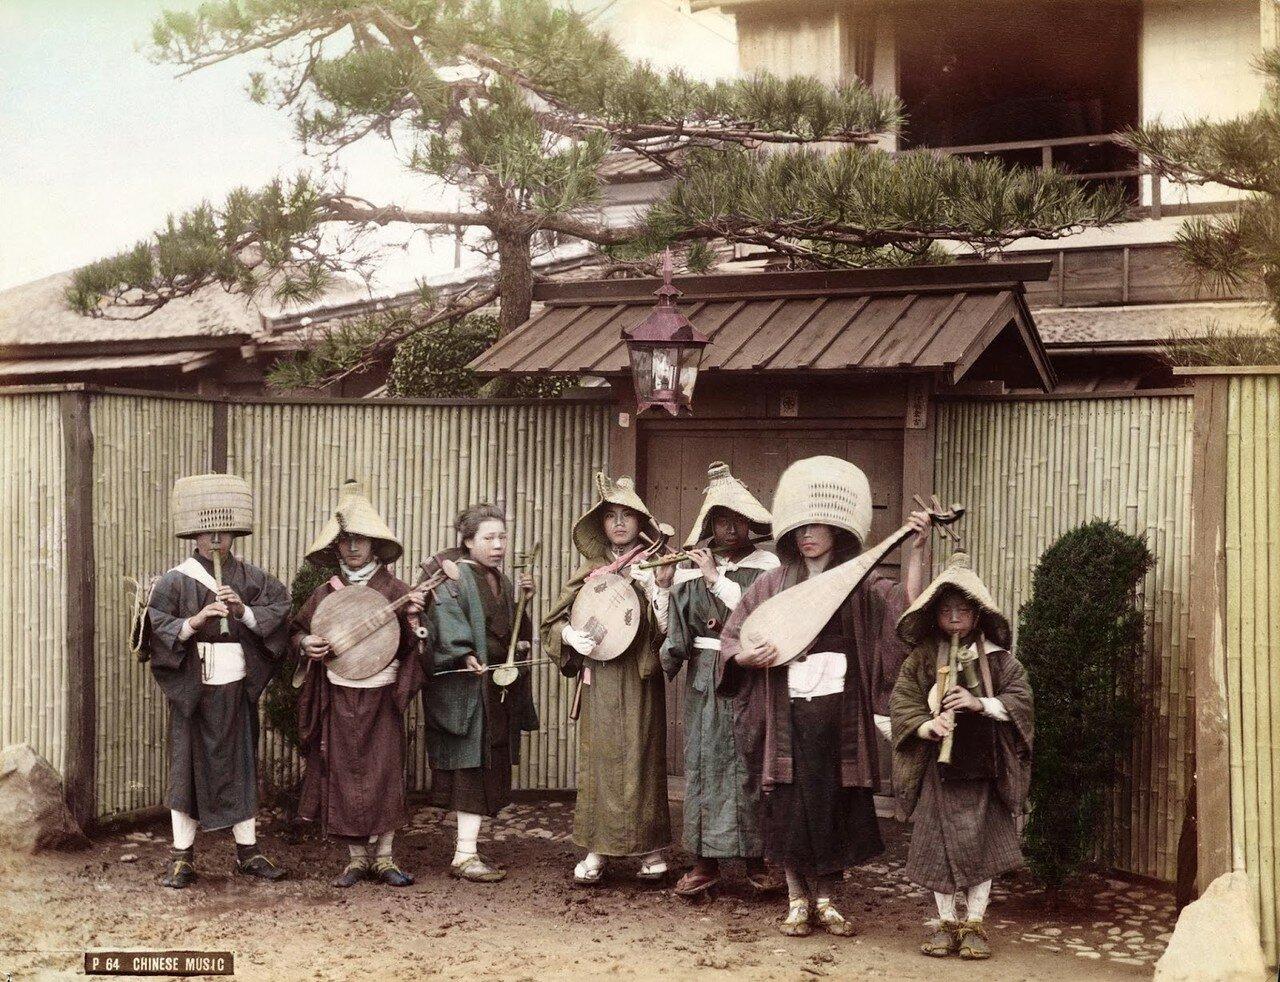 Буддийские священники и монахини, играющие на музыкальных инструментах на улице